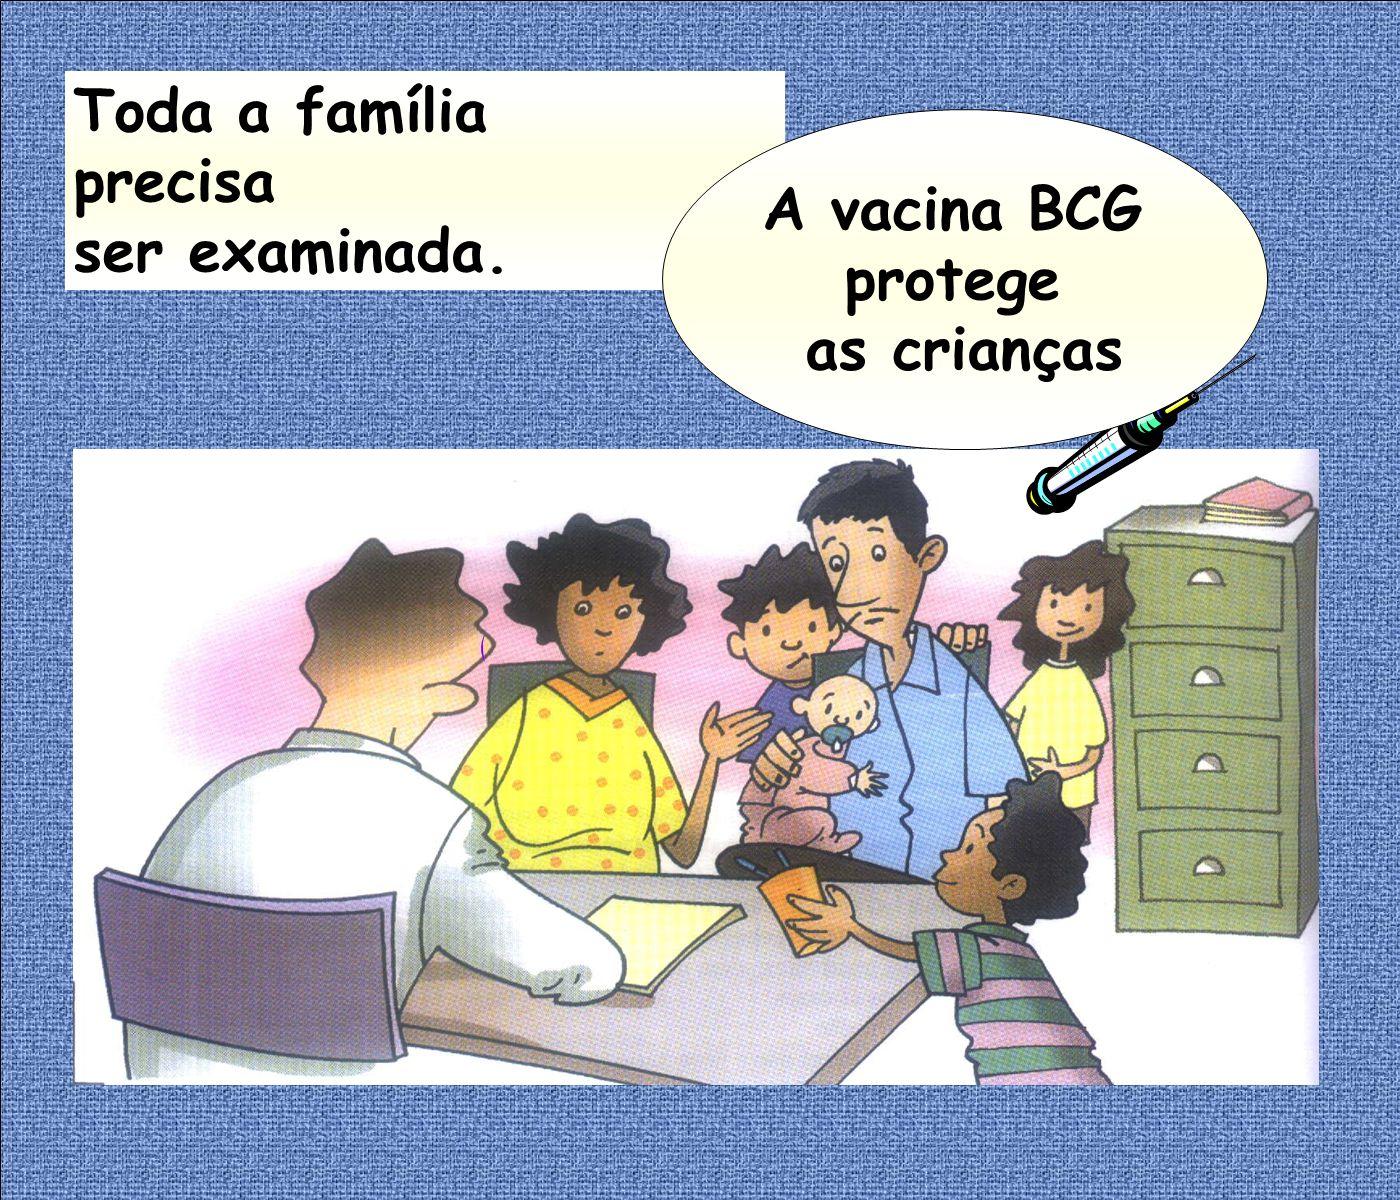 Toda a família precisa ser examinada. A vacina BCG protege as crianças